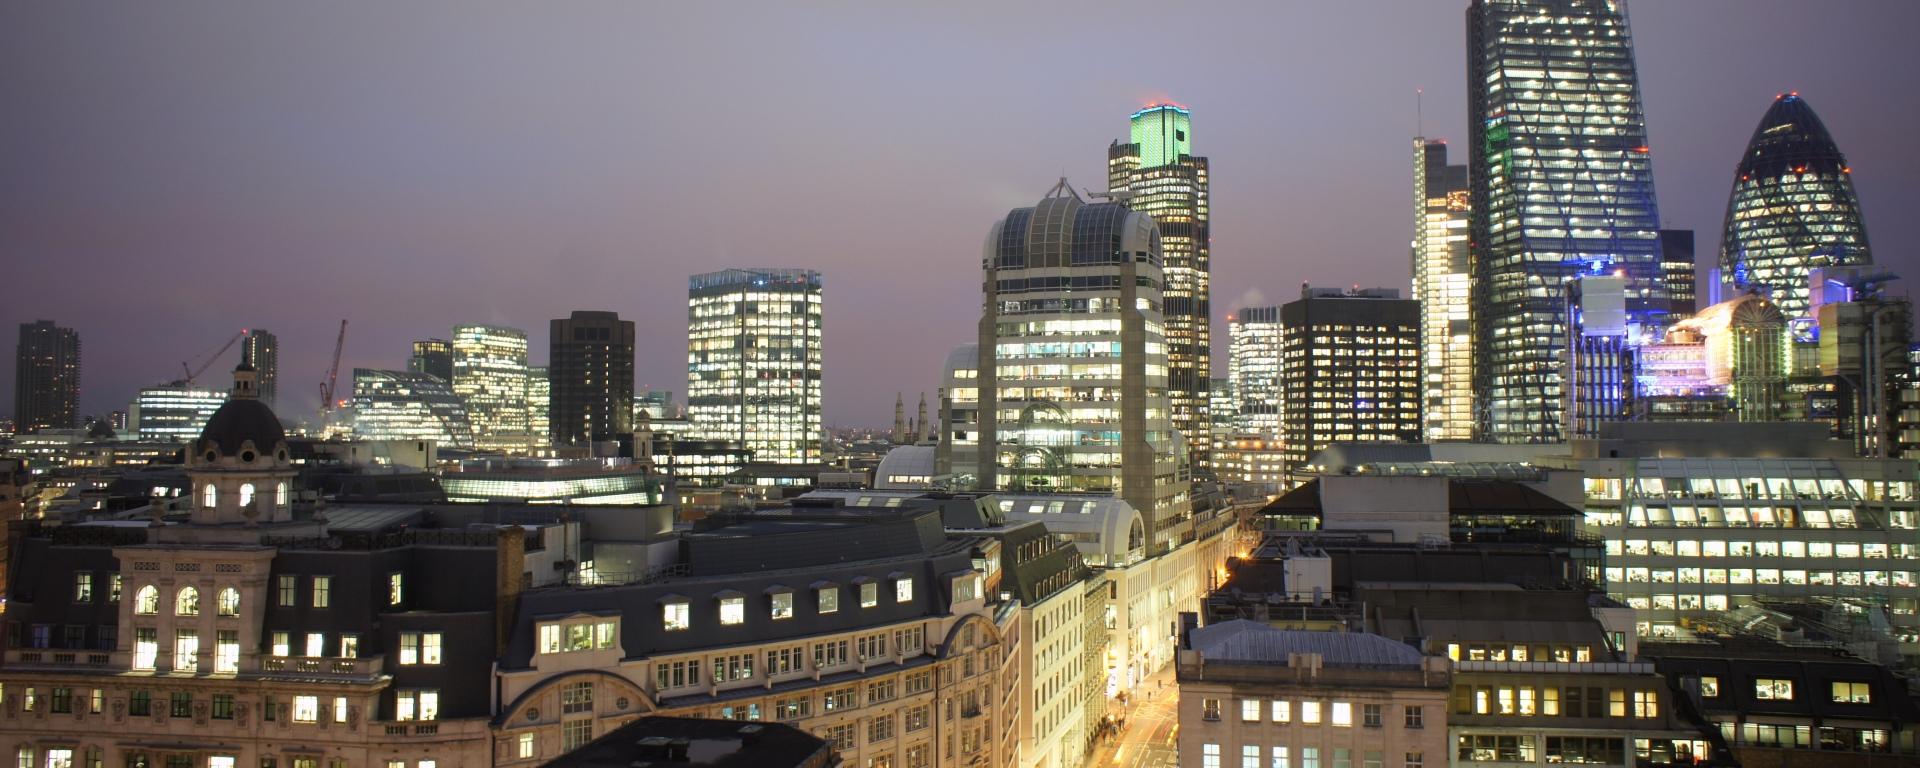 La City di Londra